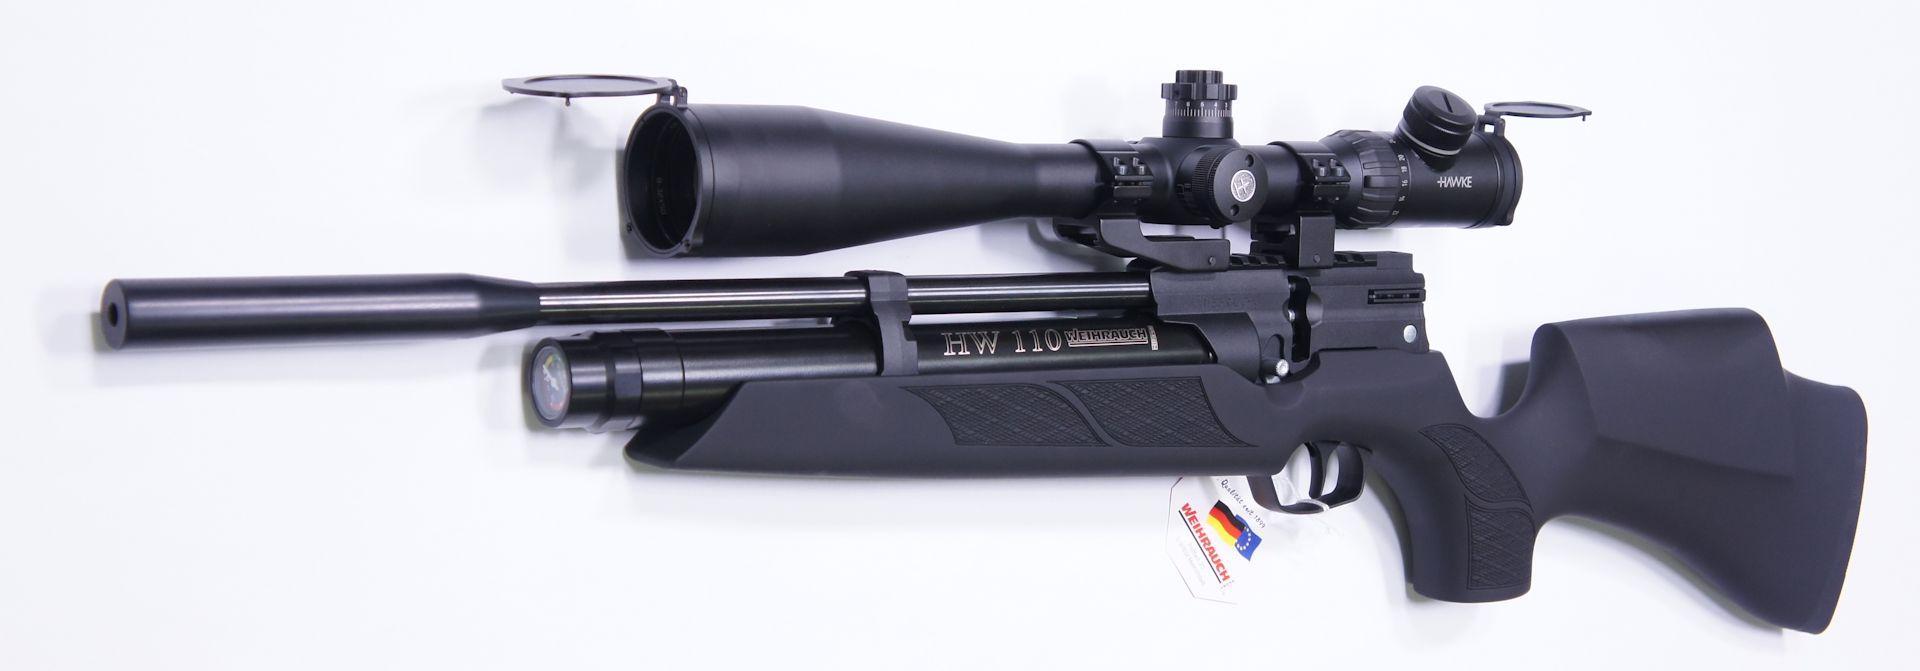 Gerne können Sie das Luftgewehr HW 110 auch mit einer noch größeren <a href=1130173.htm>Optik der Marke Hawke</a> bekommen.